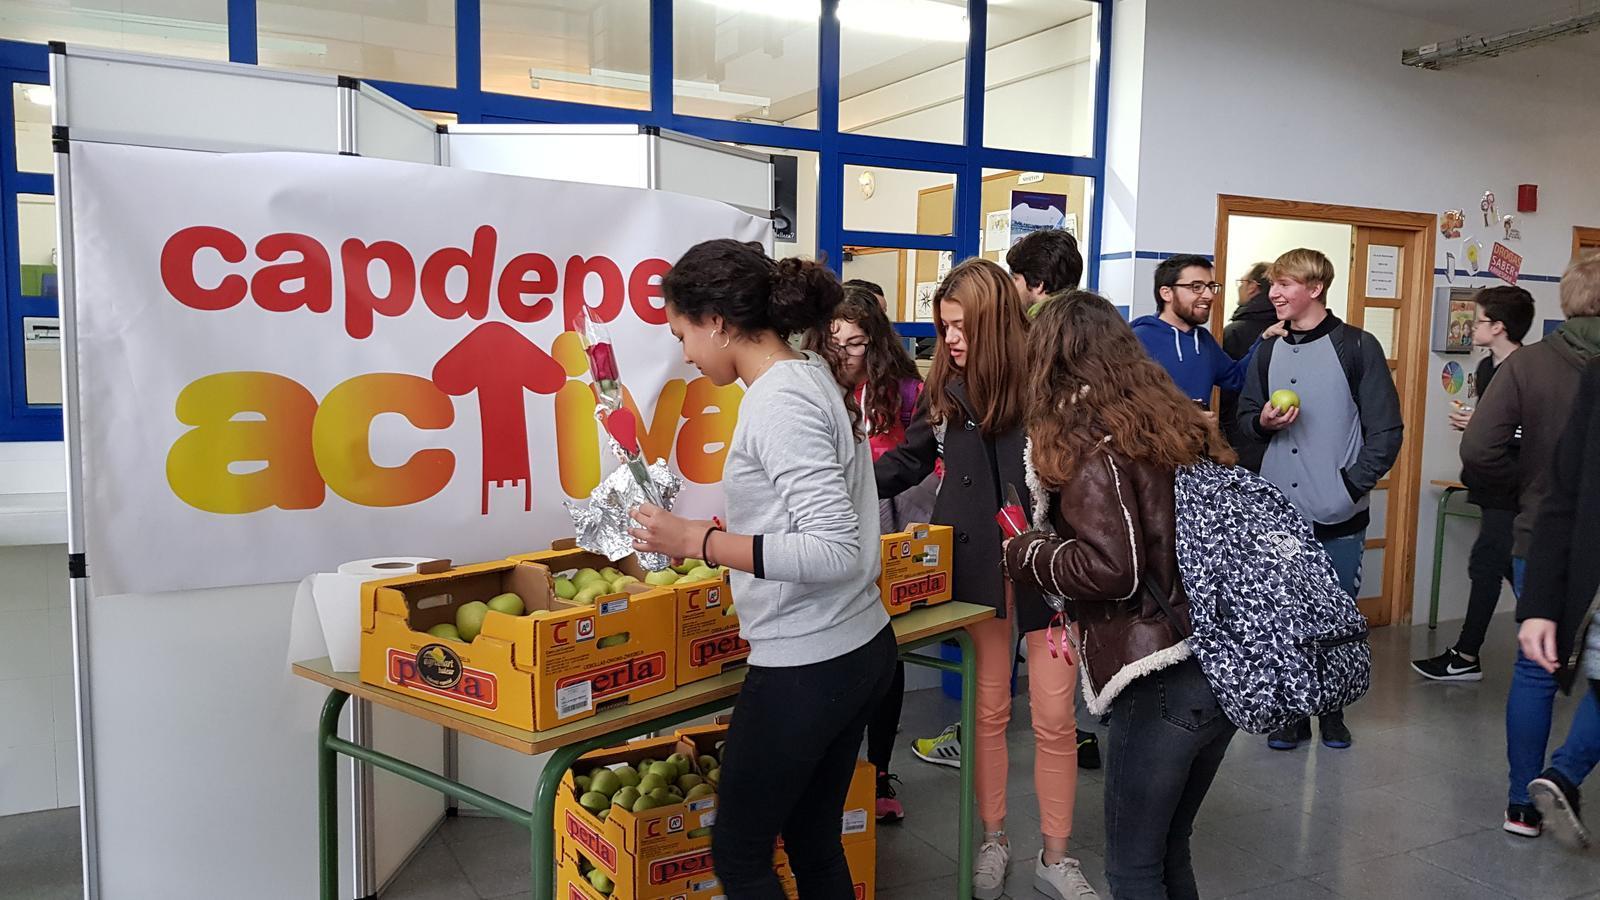 Estudiants de l'institut gabellí agafen fruita per berenar, en el marc de la campanya Capdepera Activa.